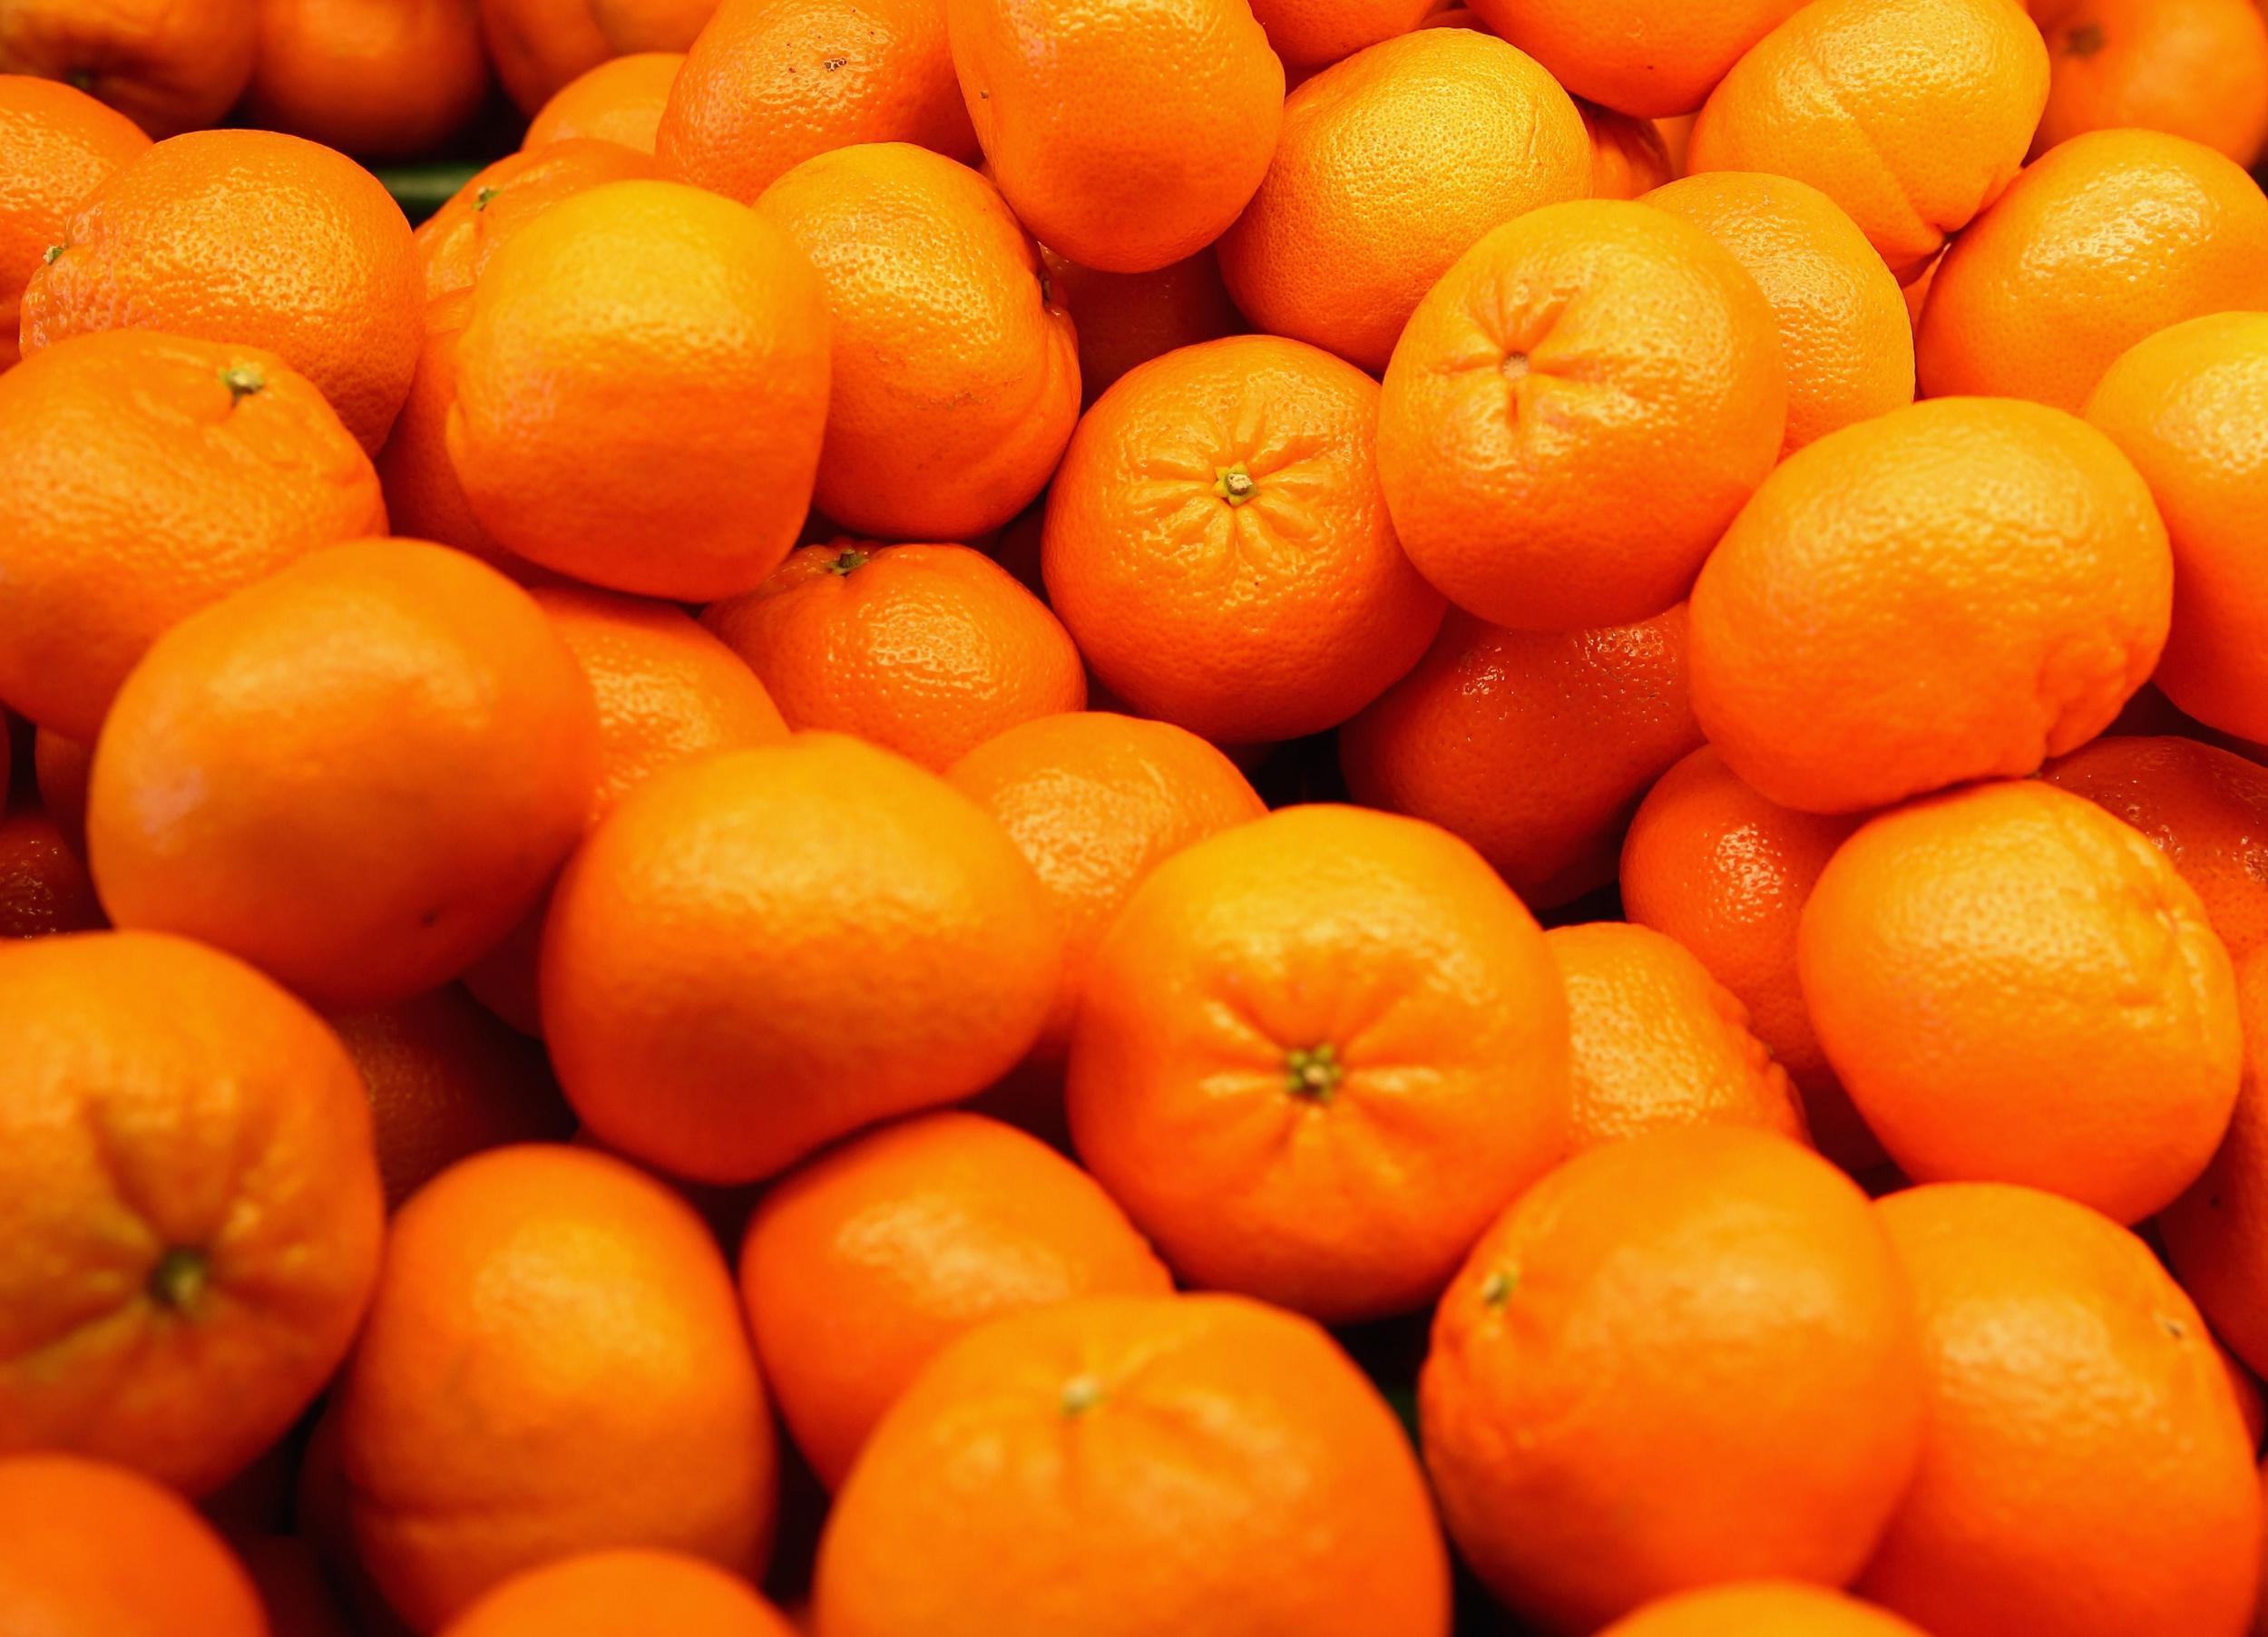 Orange Images